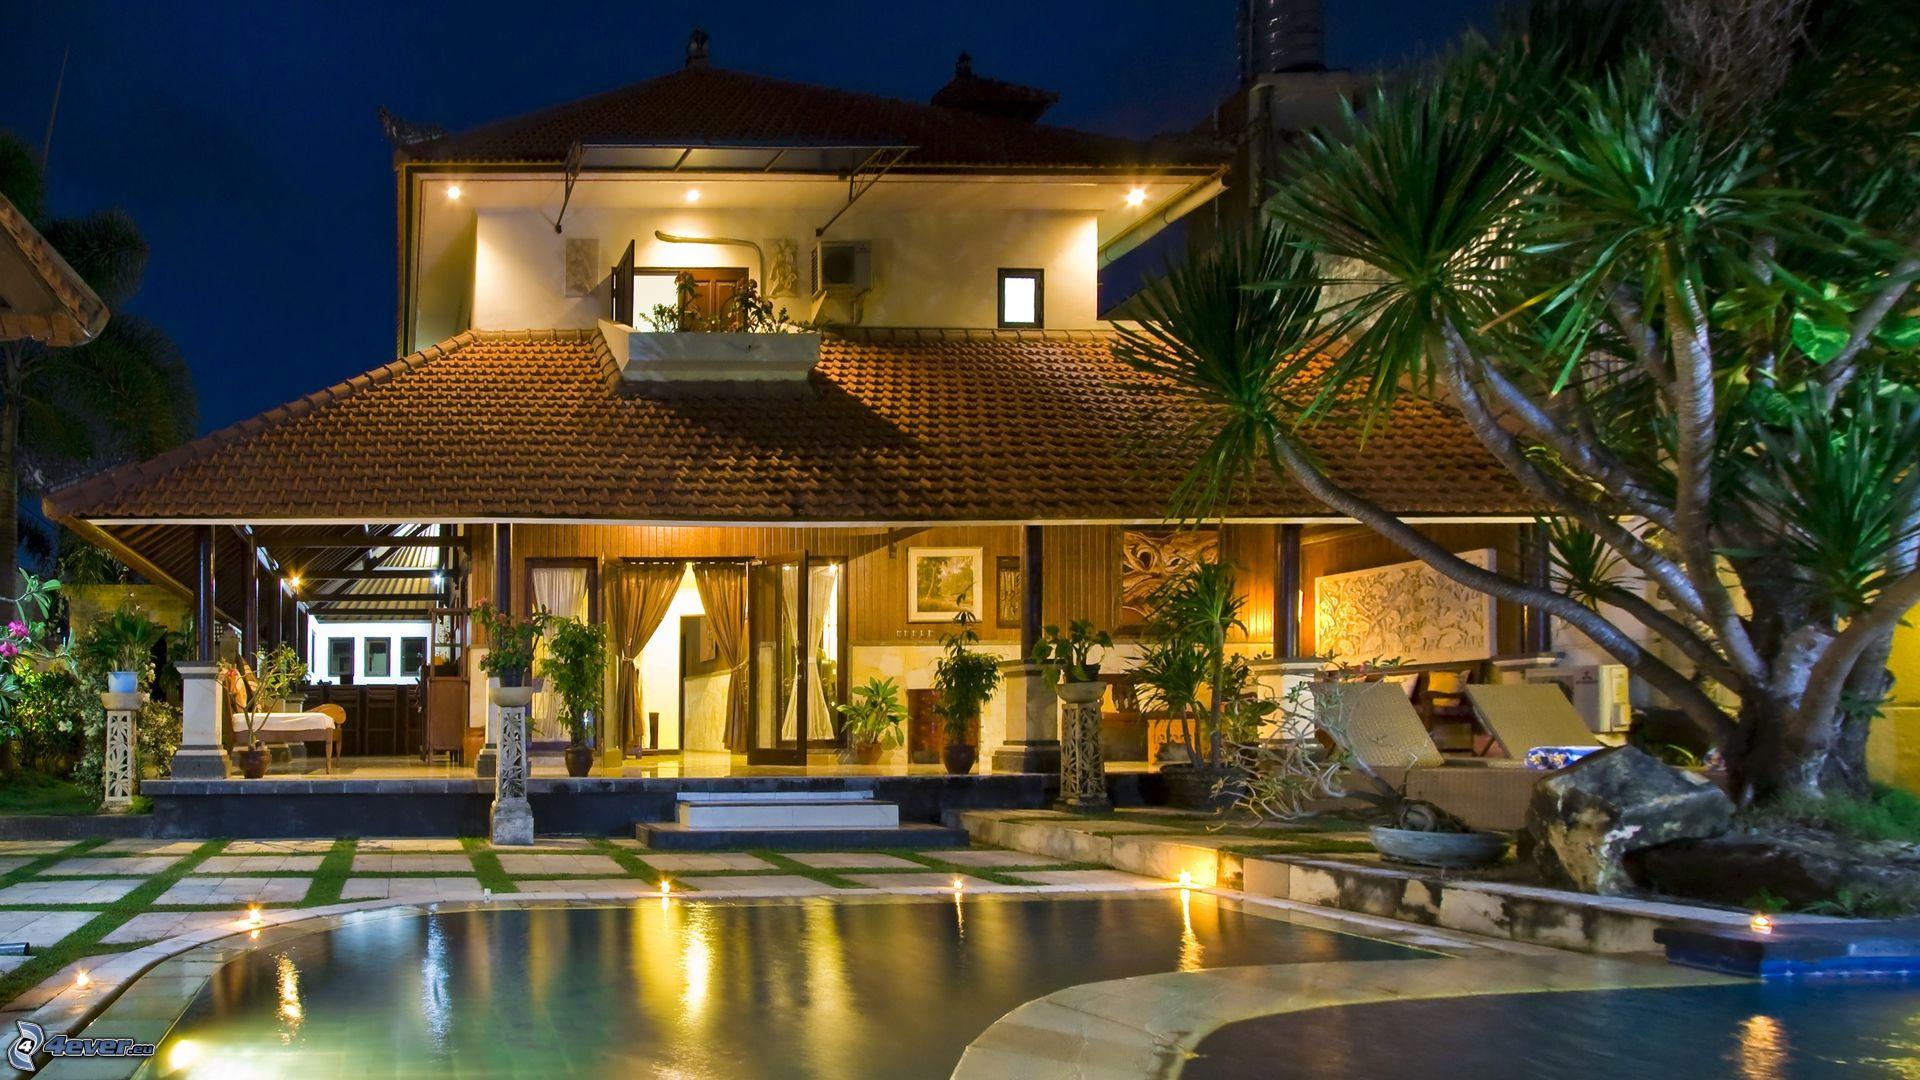 Charmant Assez Maison Moderne De Luxe Avec Piscine Minecraft U2013 Chaios.com CI46